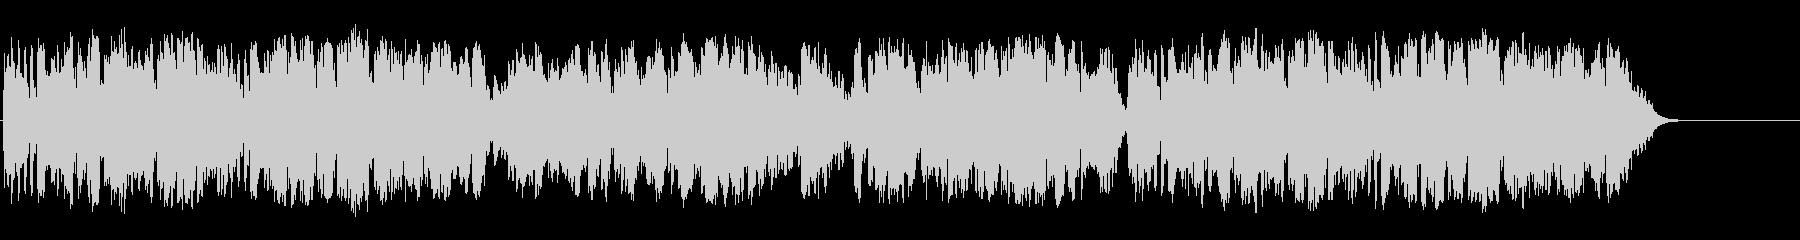 厳粛なクラシック/管楽四重奏の未再生の波形